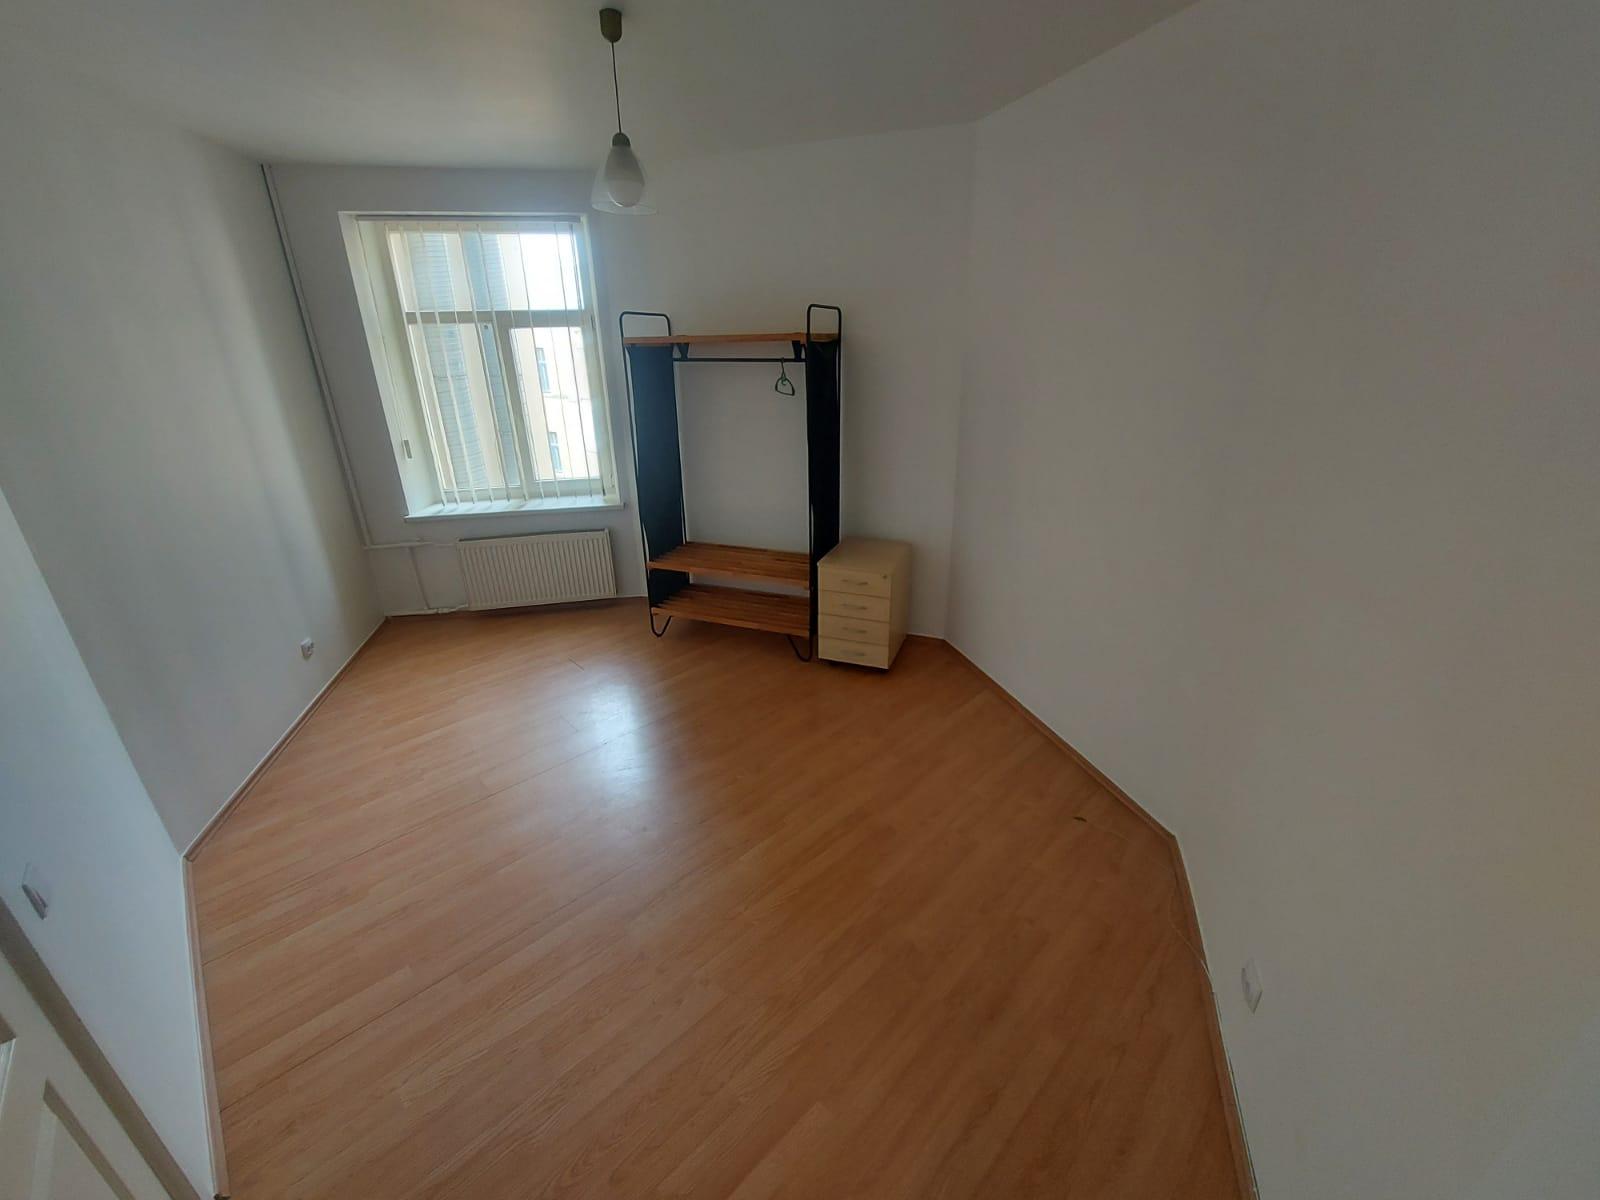 Сдают квартиру, улица Kuģu 11 - Изображение 1